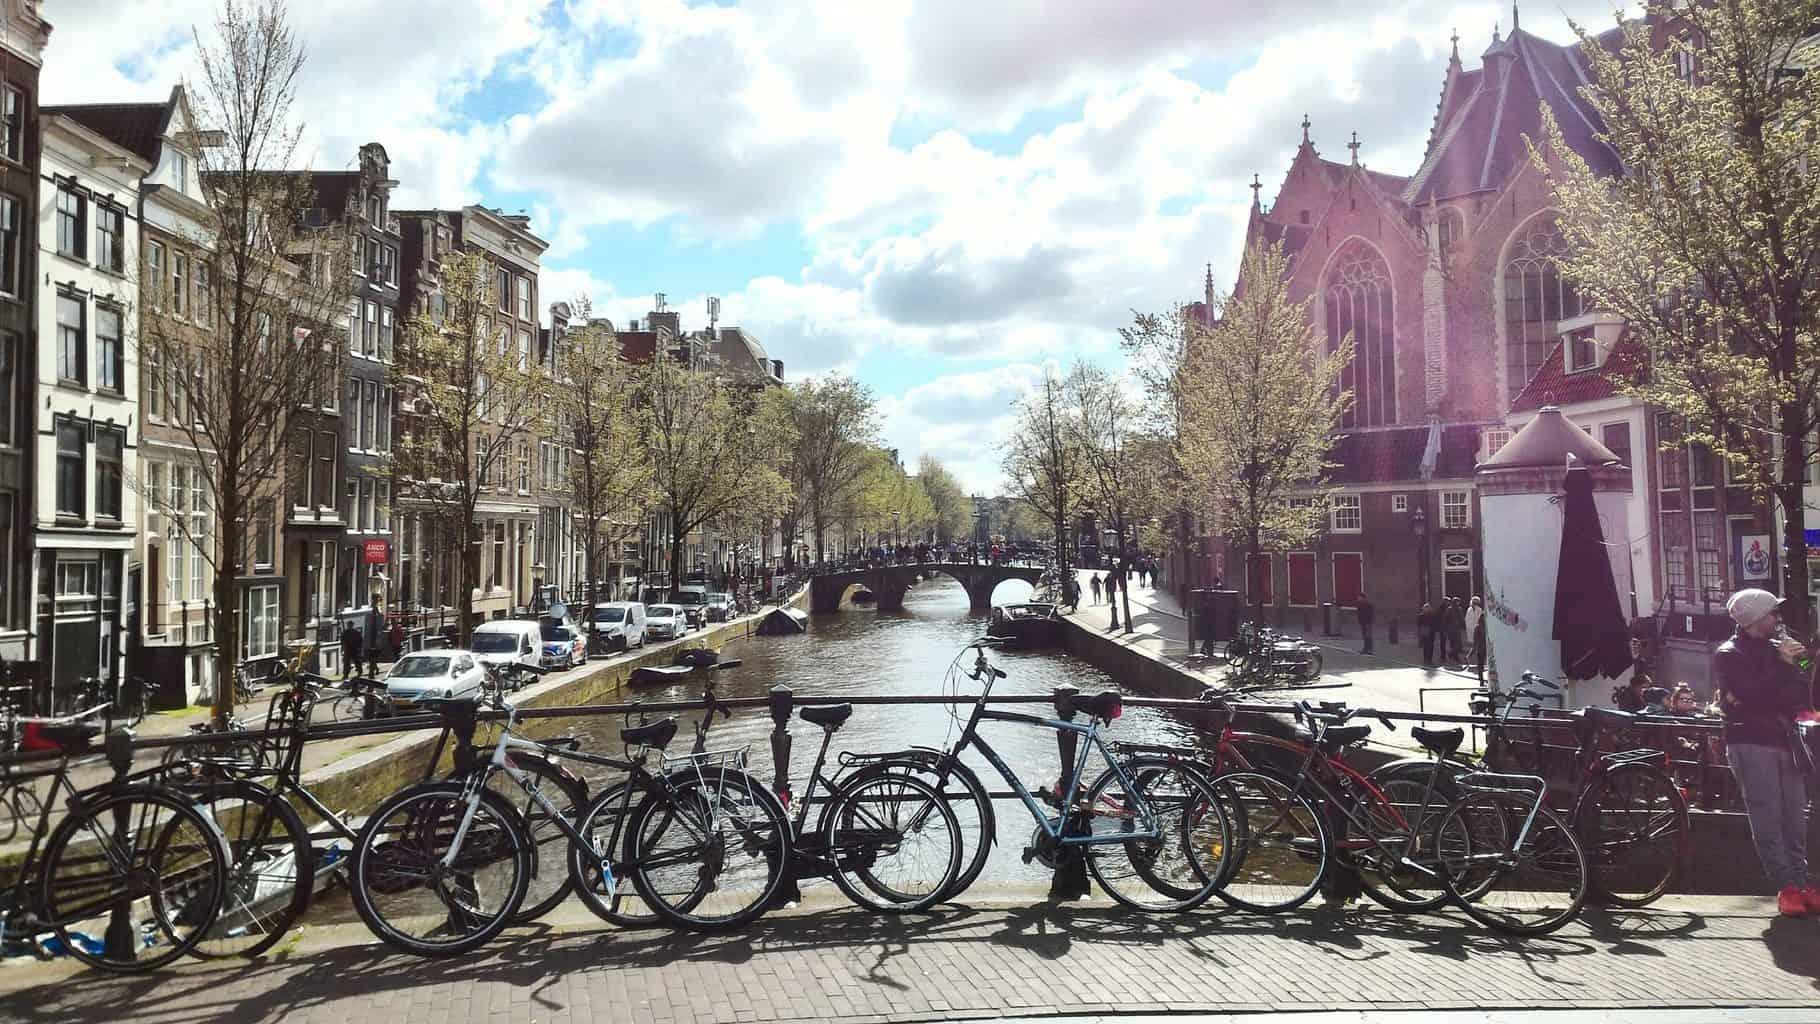 The Netherlands for digital nomads